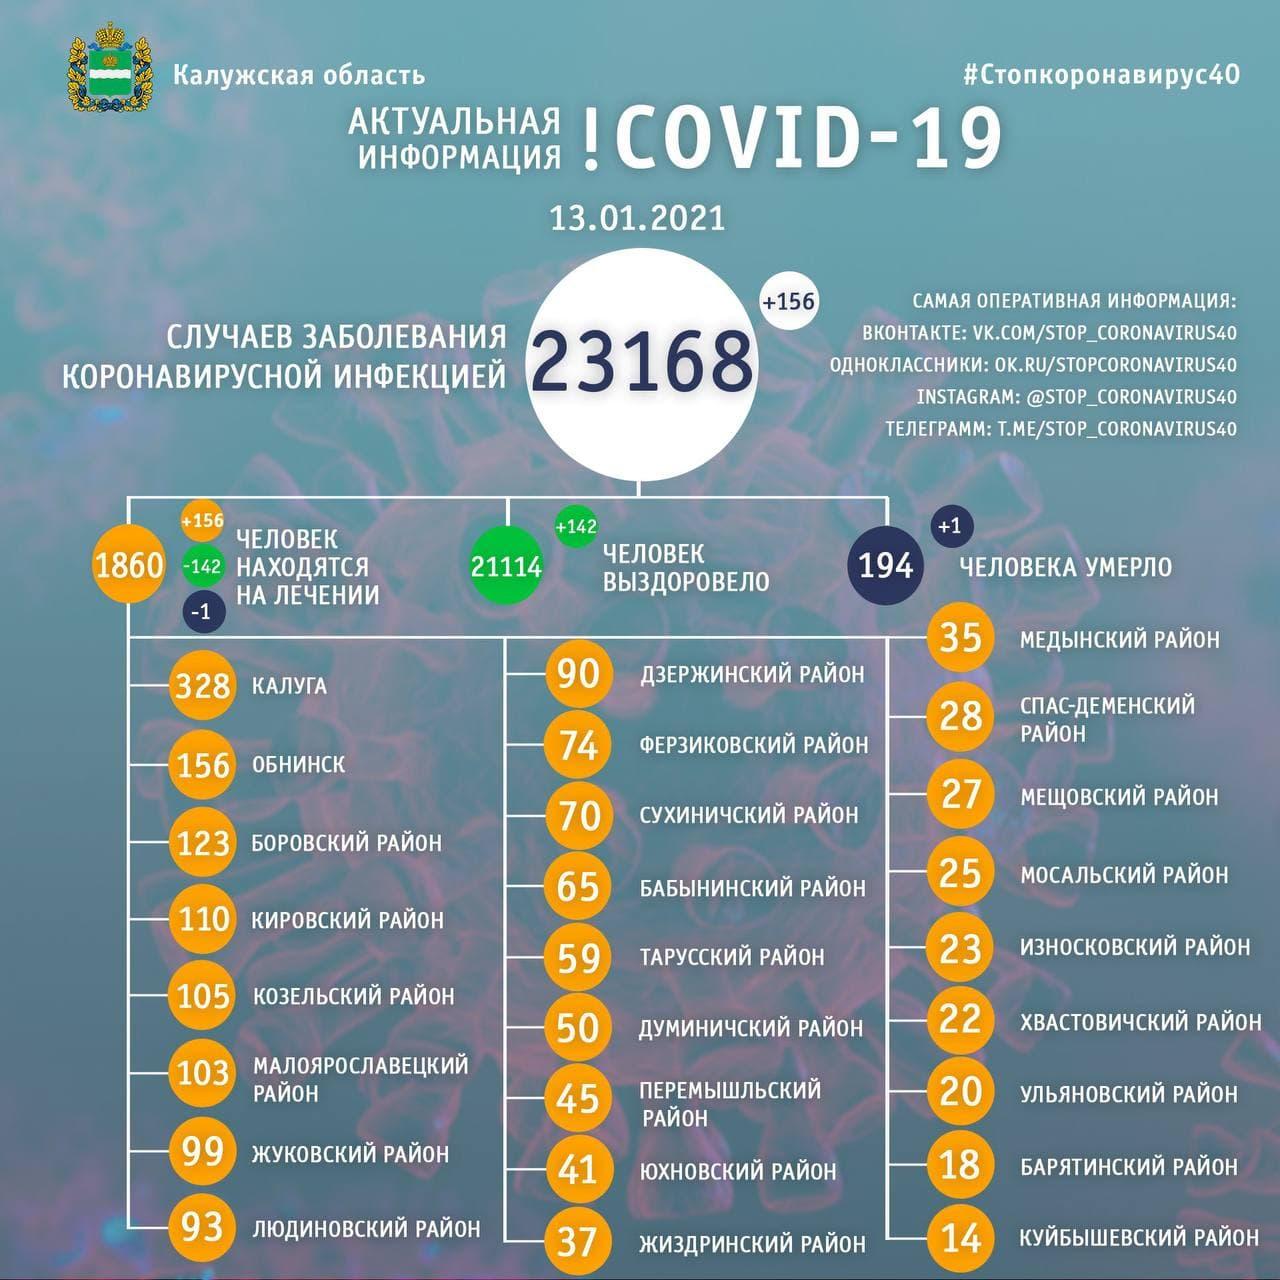 Официальная статистика по коронавирусу в Калужской области на 13 января 2021 года.